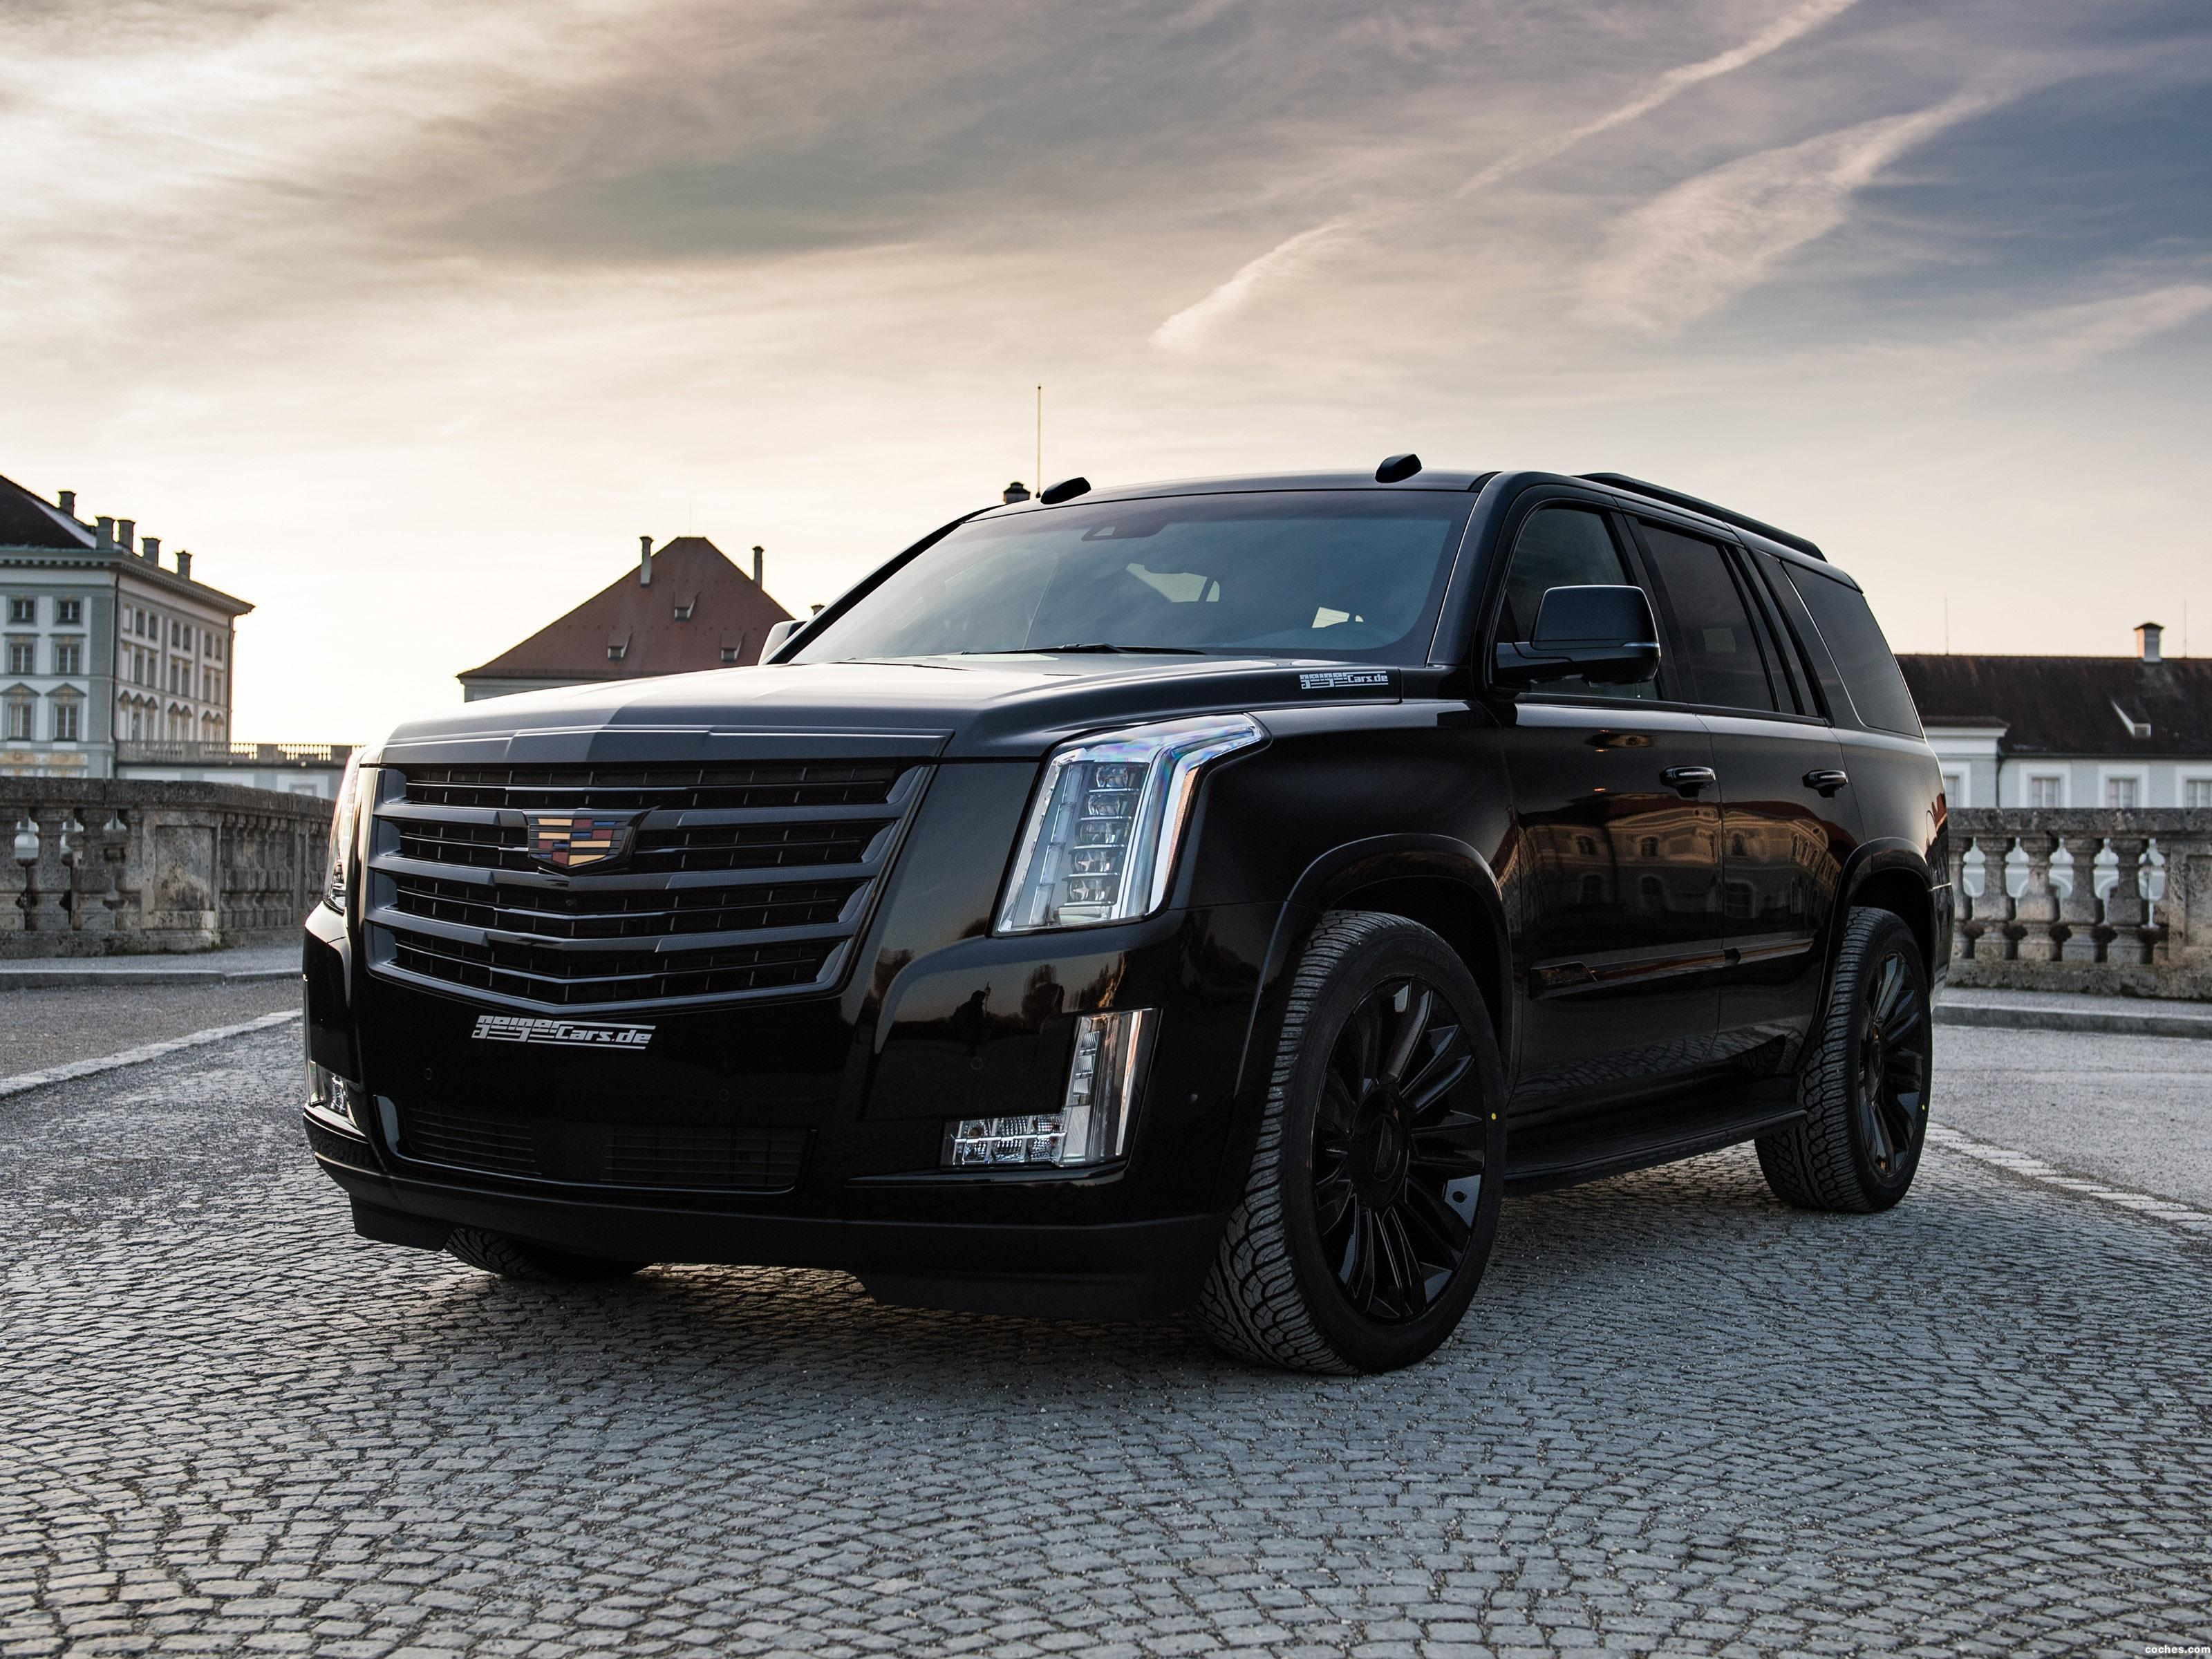 Foto 0 de Cadillac Escalade Black Edition by Geiger 2018